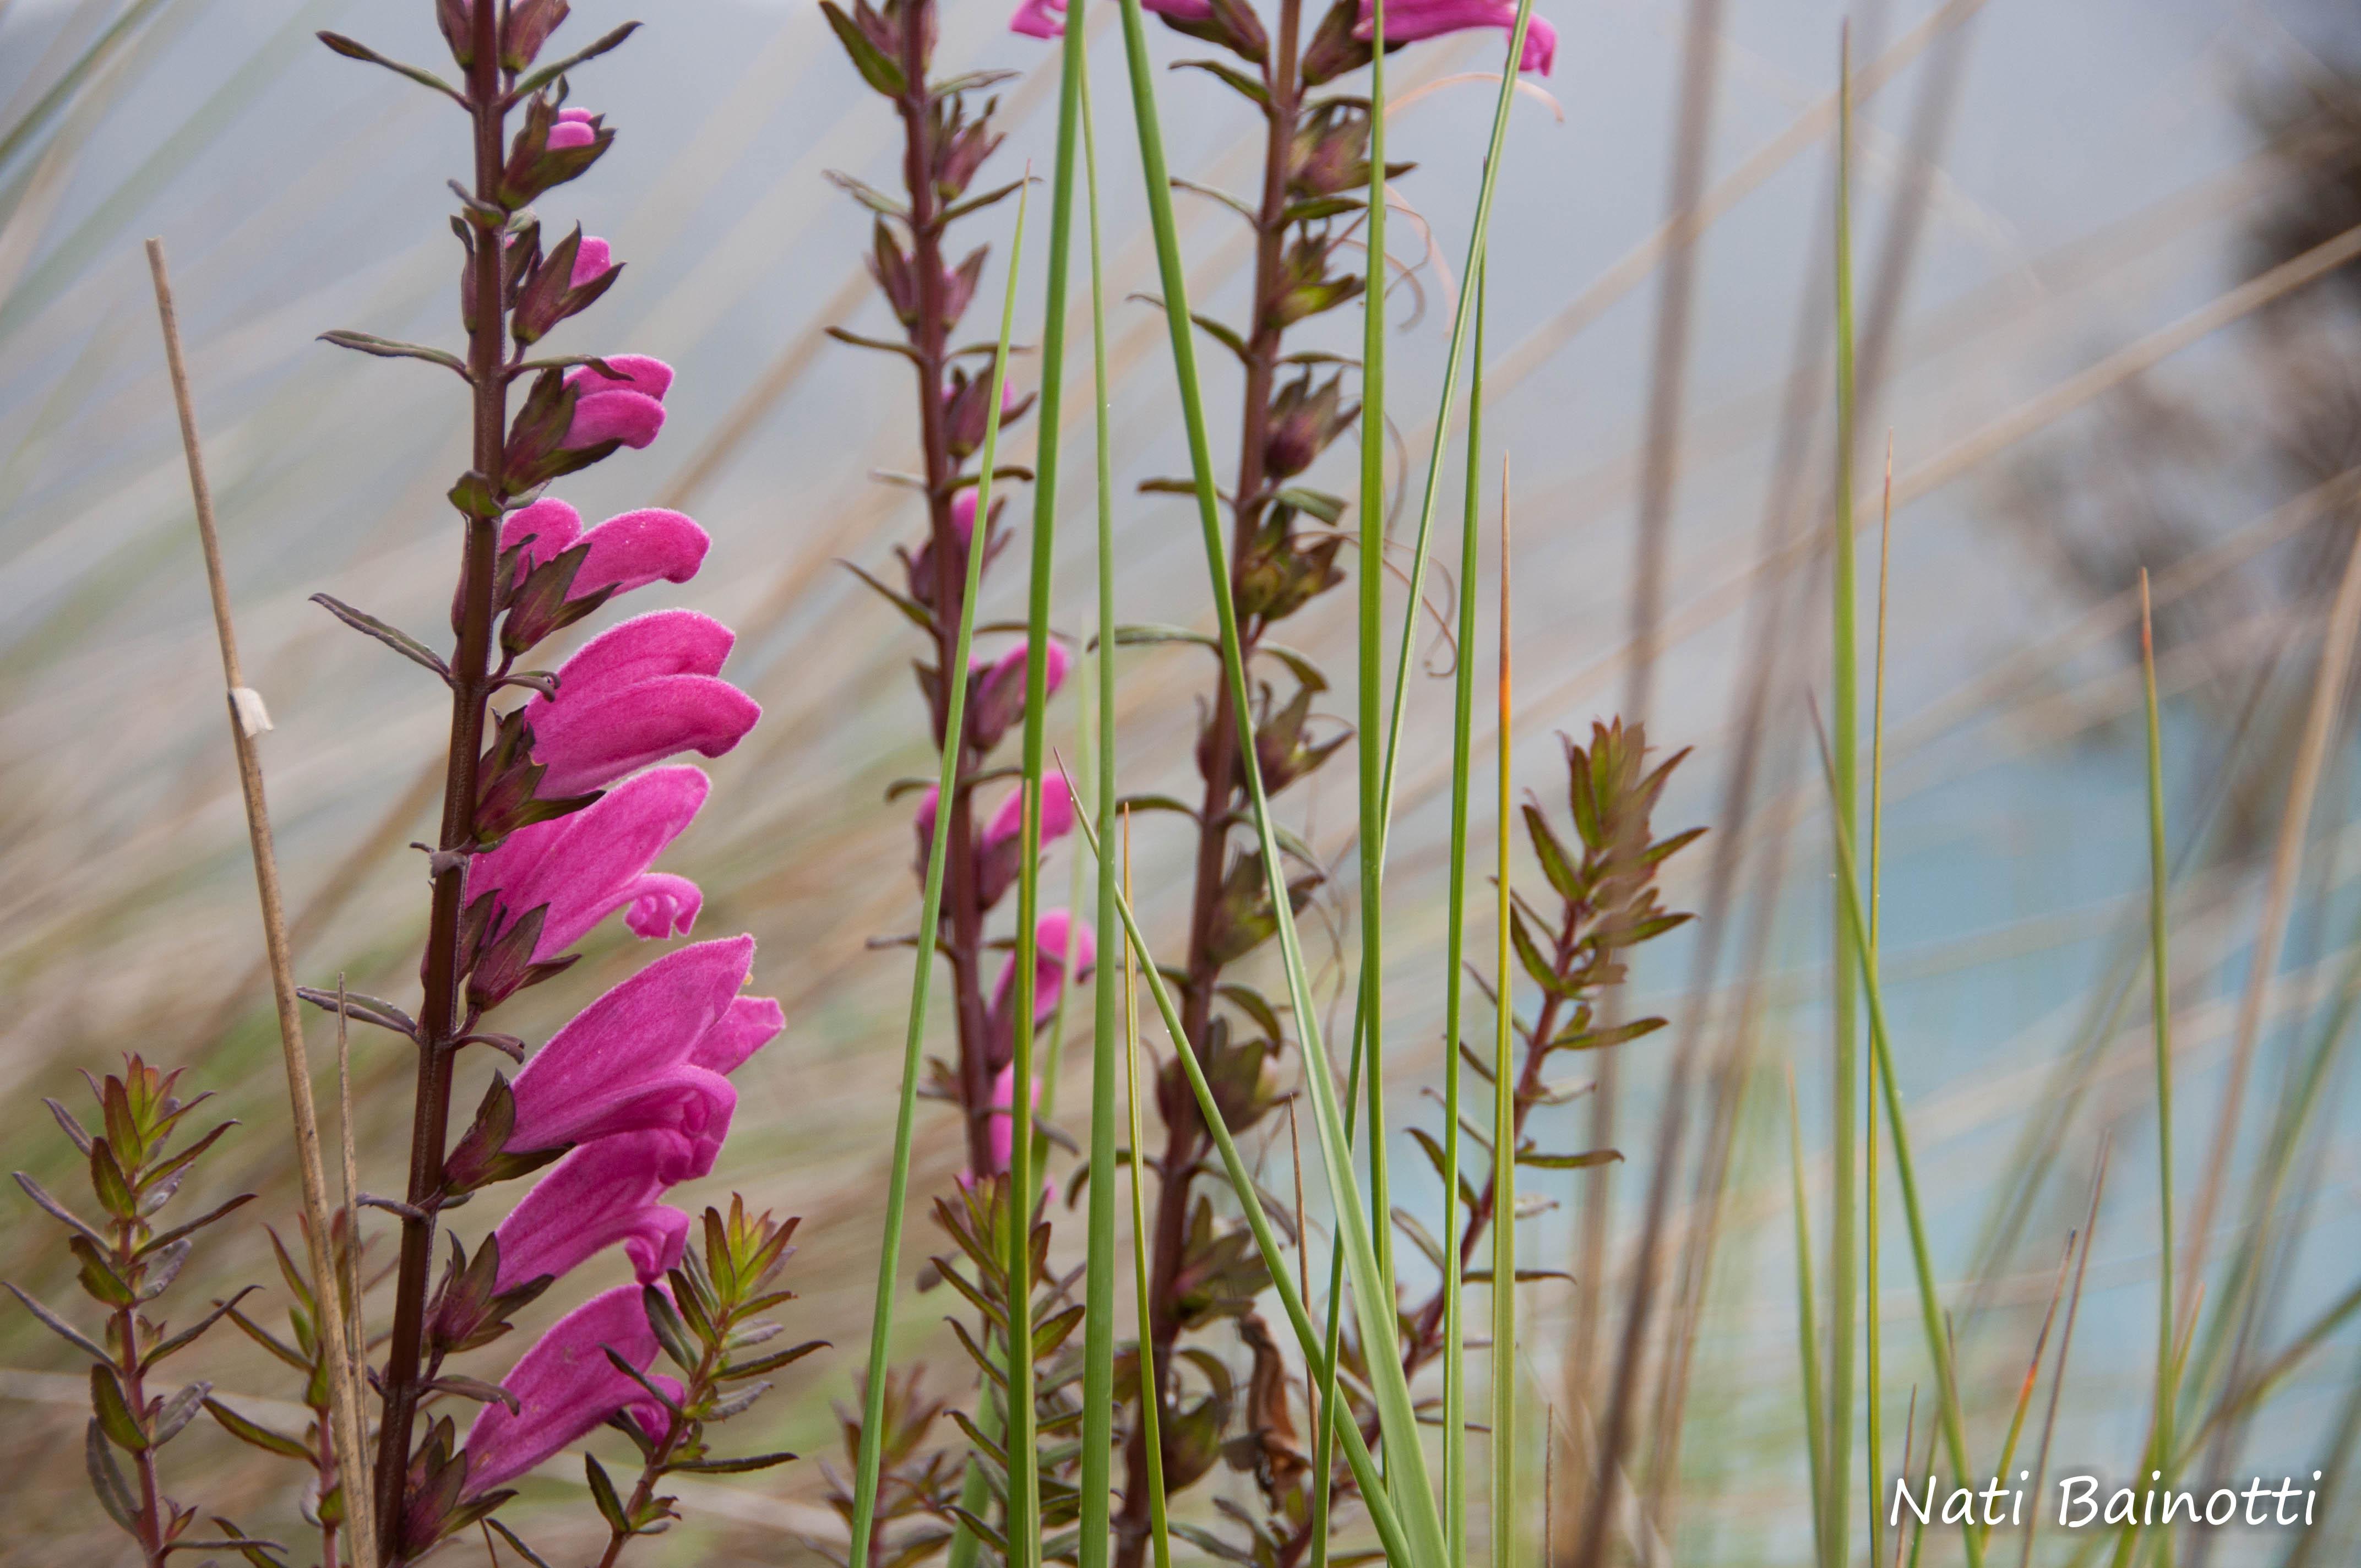 flores rosadas en el quilotoa